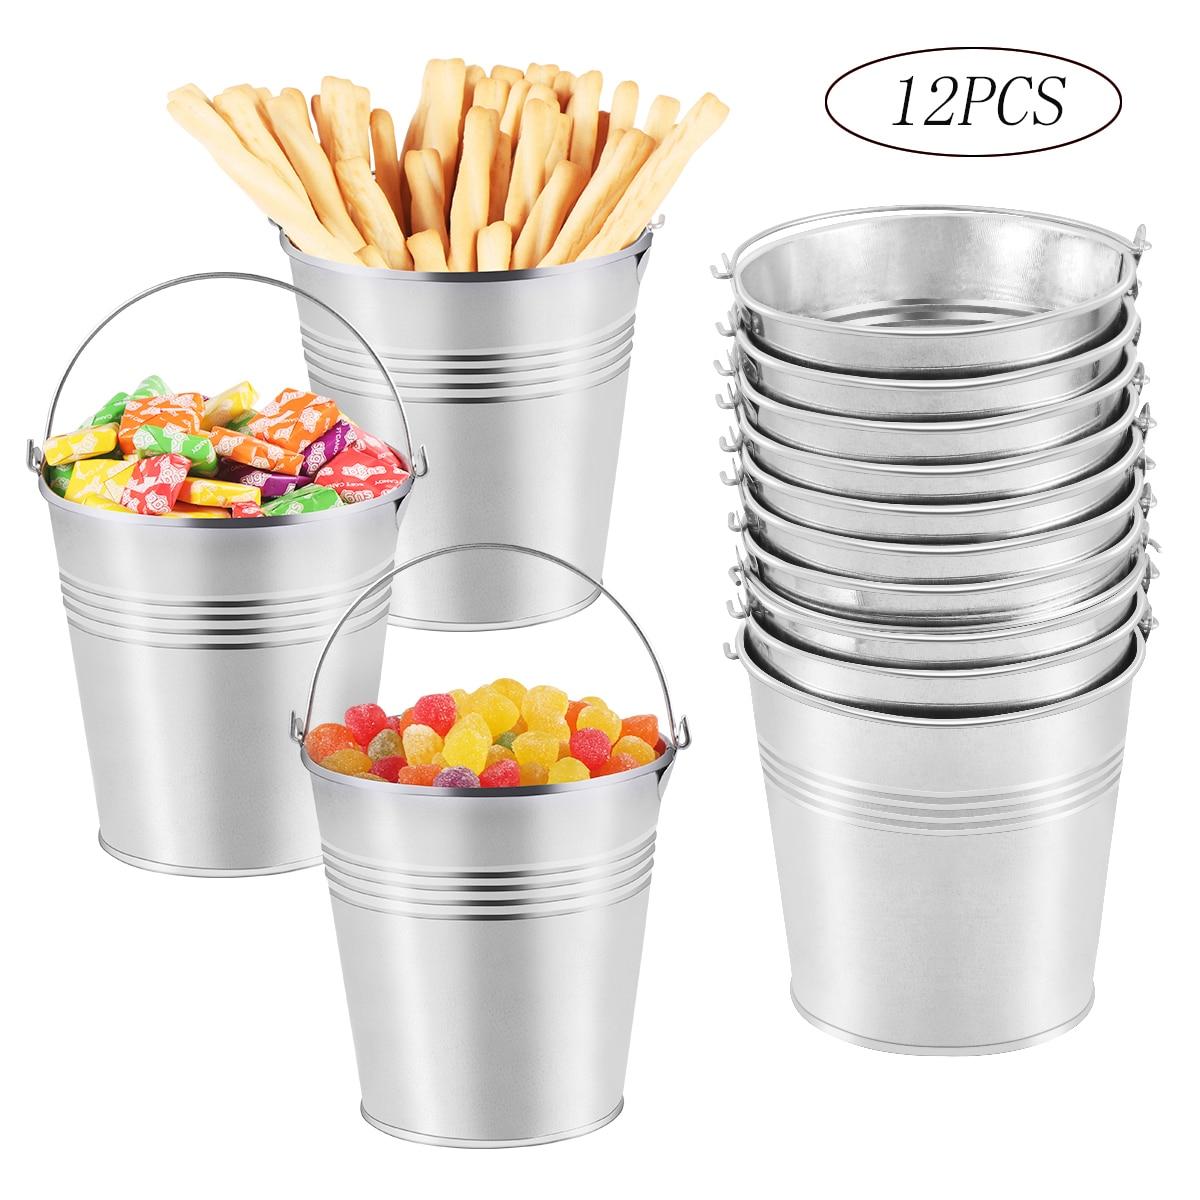 Mini cubos de hojalata seguros para patatas fritas, cubos de aperitivos, cubos de Metal, cubos de hojalata para patatas fritas, plantado de flores, caramelos de glaseado, 12 Uds.